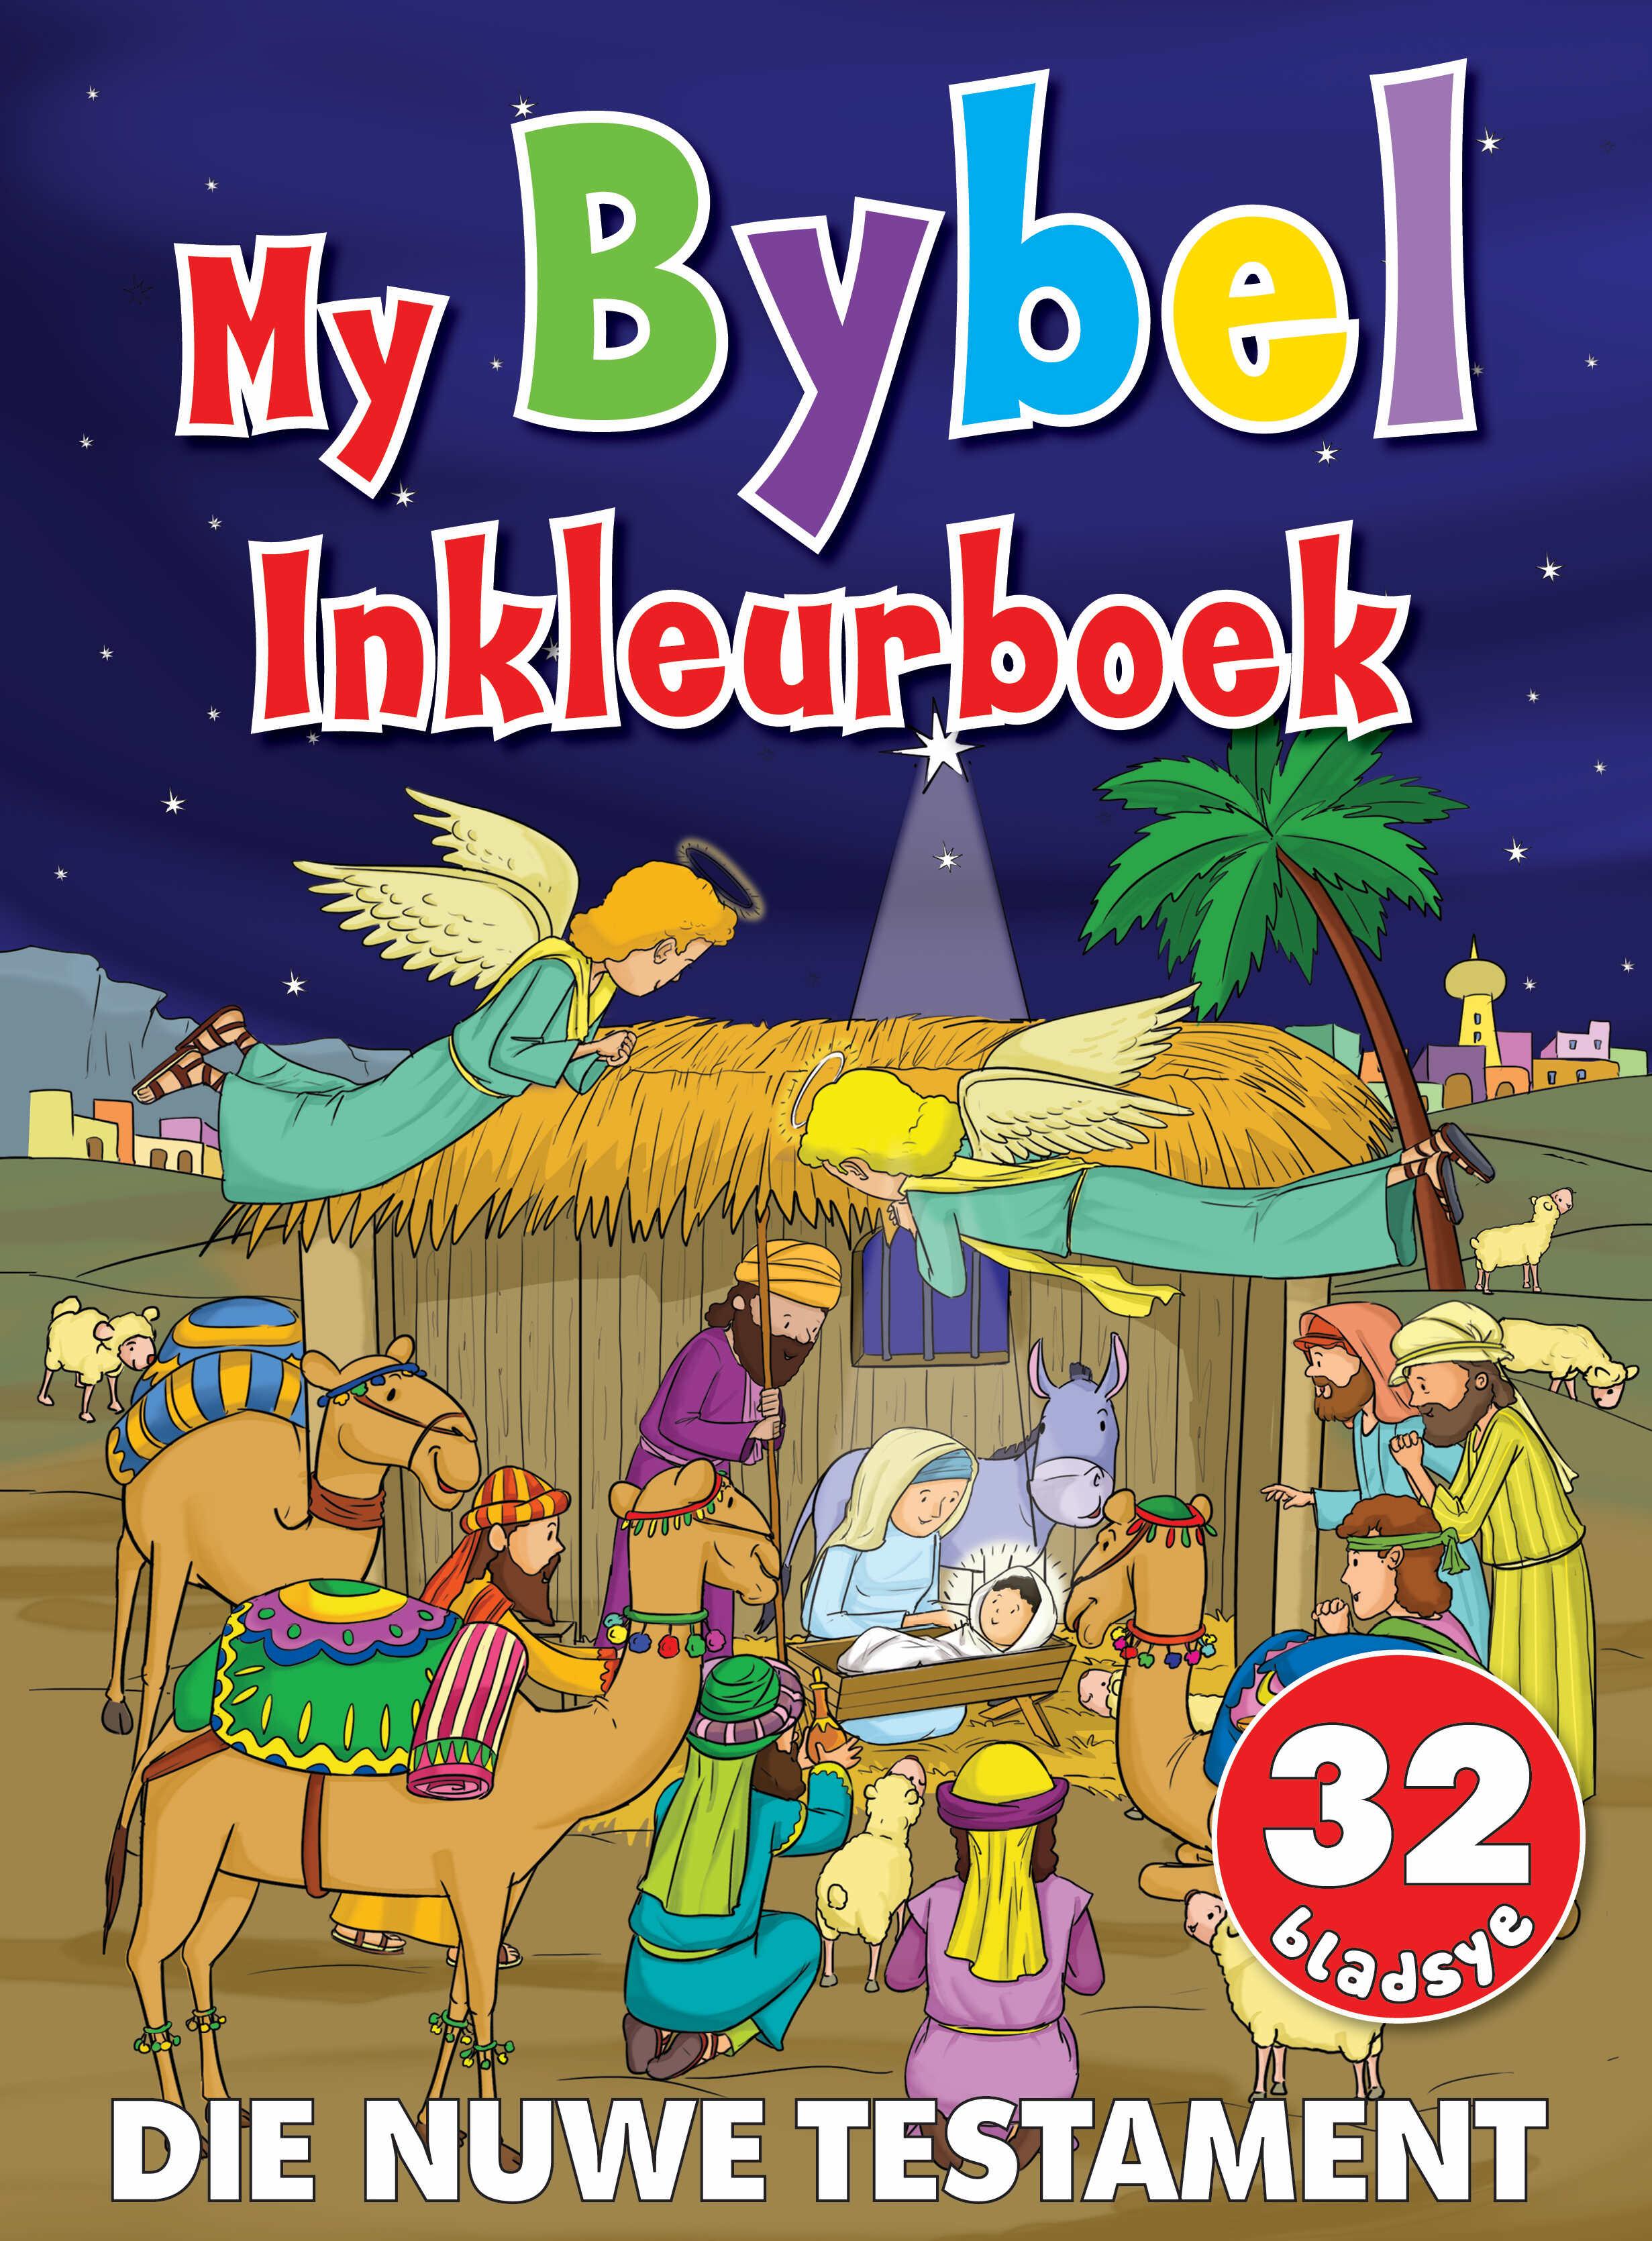 My Bybel Inkleurboek - Die Nuwe Testatment - 32 Bladsye